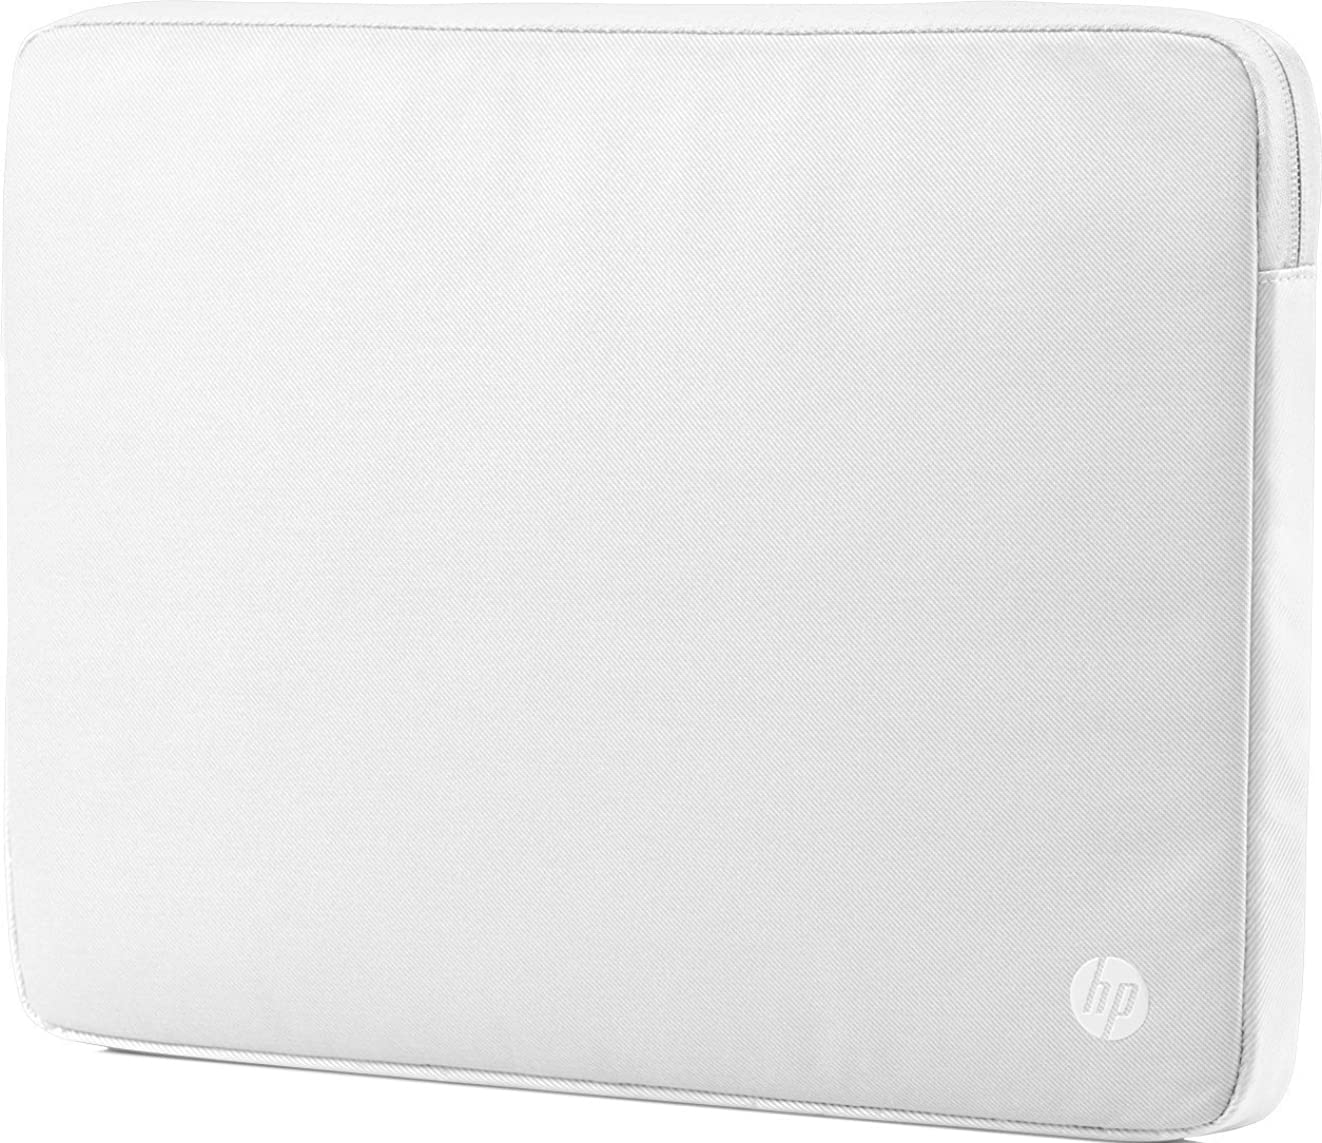 オーケストラ盲信現実的HP ヒューレット?パッカード 純正 パソコン ケース 14インチ インナーバッグ スリーブ ホワイト M5Q19AA-UUF